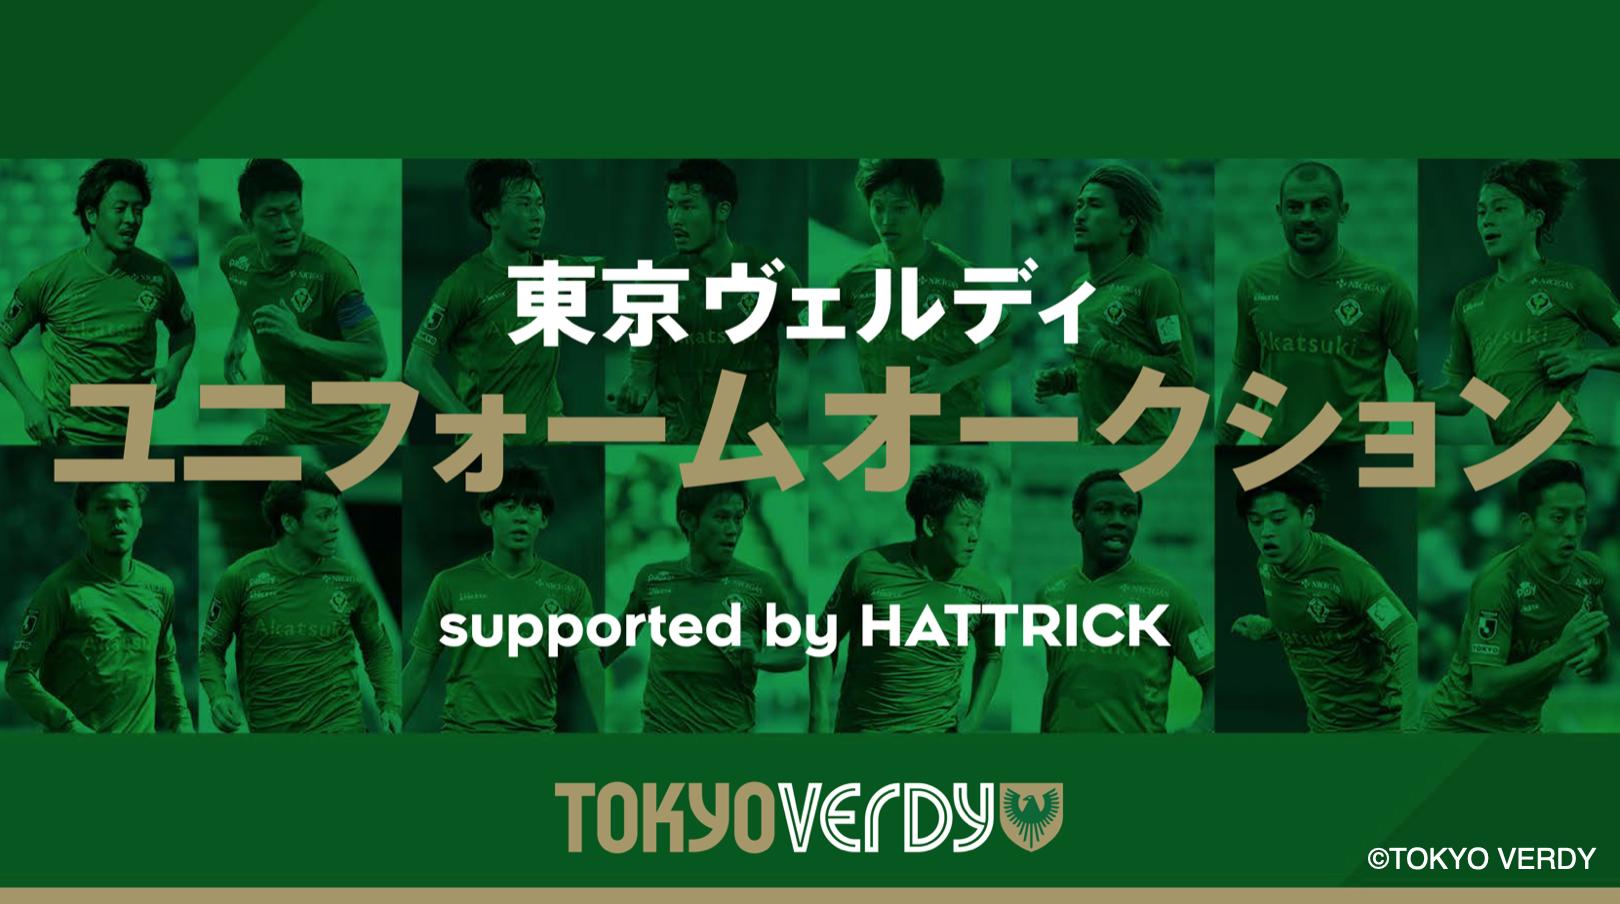 東京ヴェルディ×デュアルキャリア 直筆サイン入り2019シーズン 1stオーセンティックユニフォーム「HATTRICK(ハットトリック)」開催!